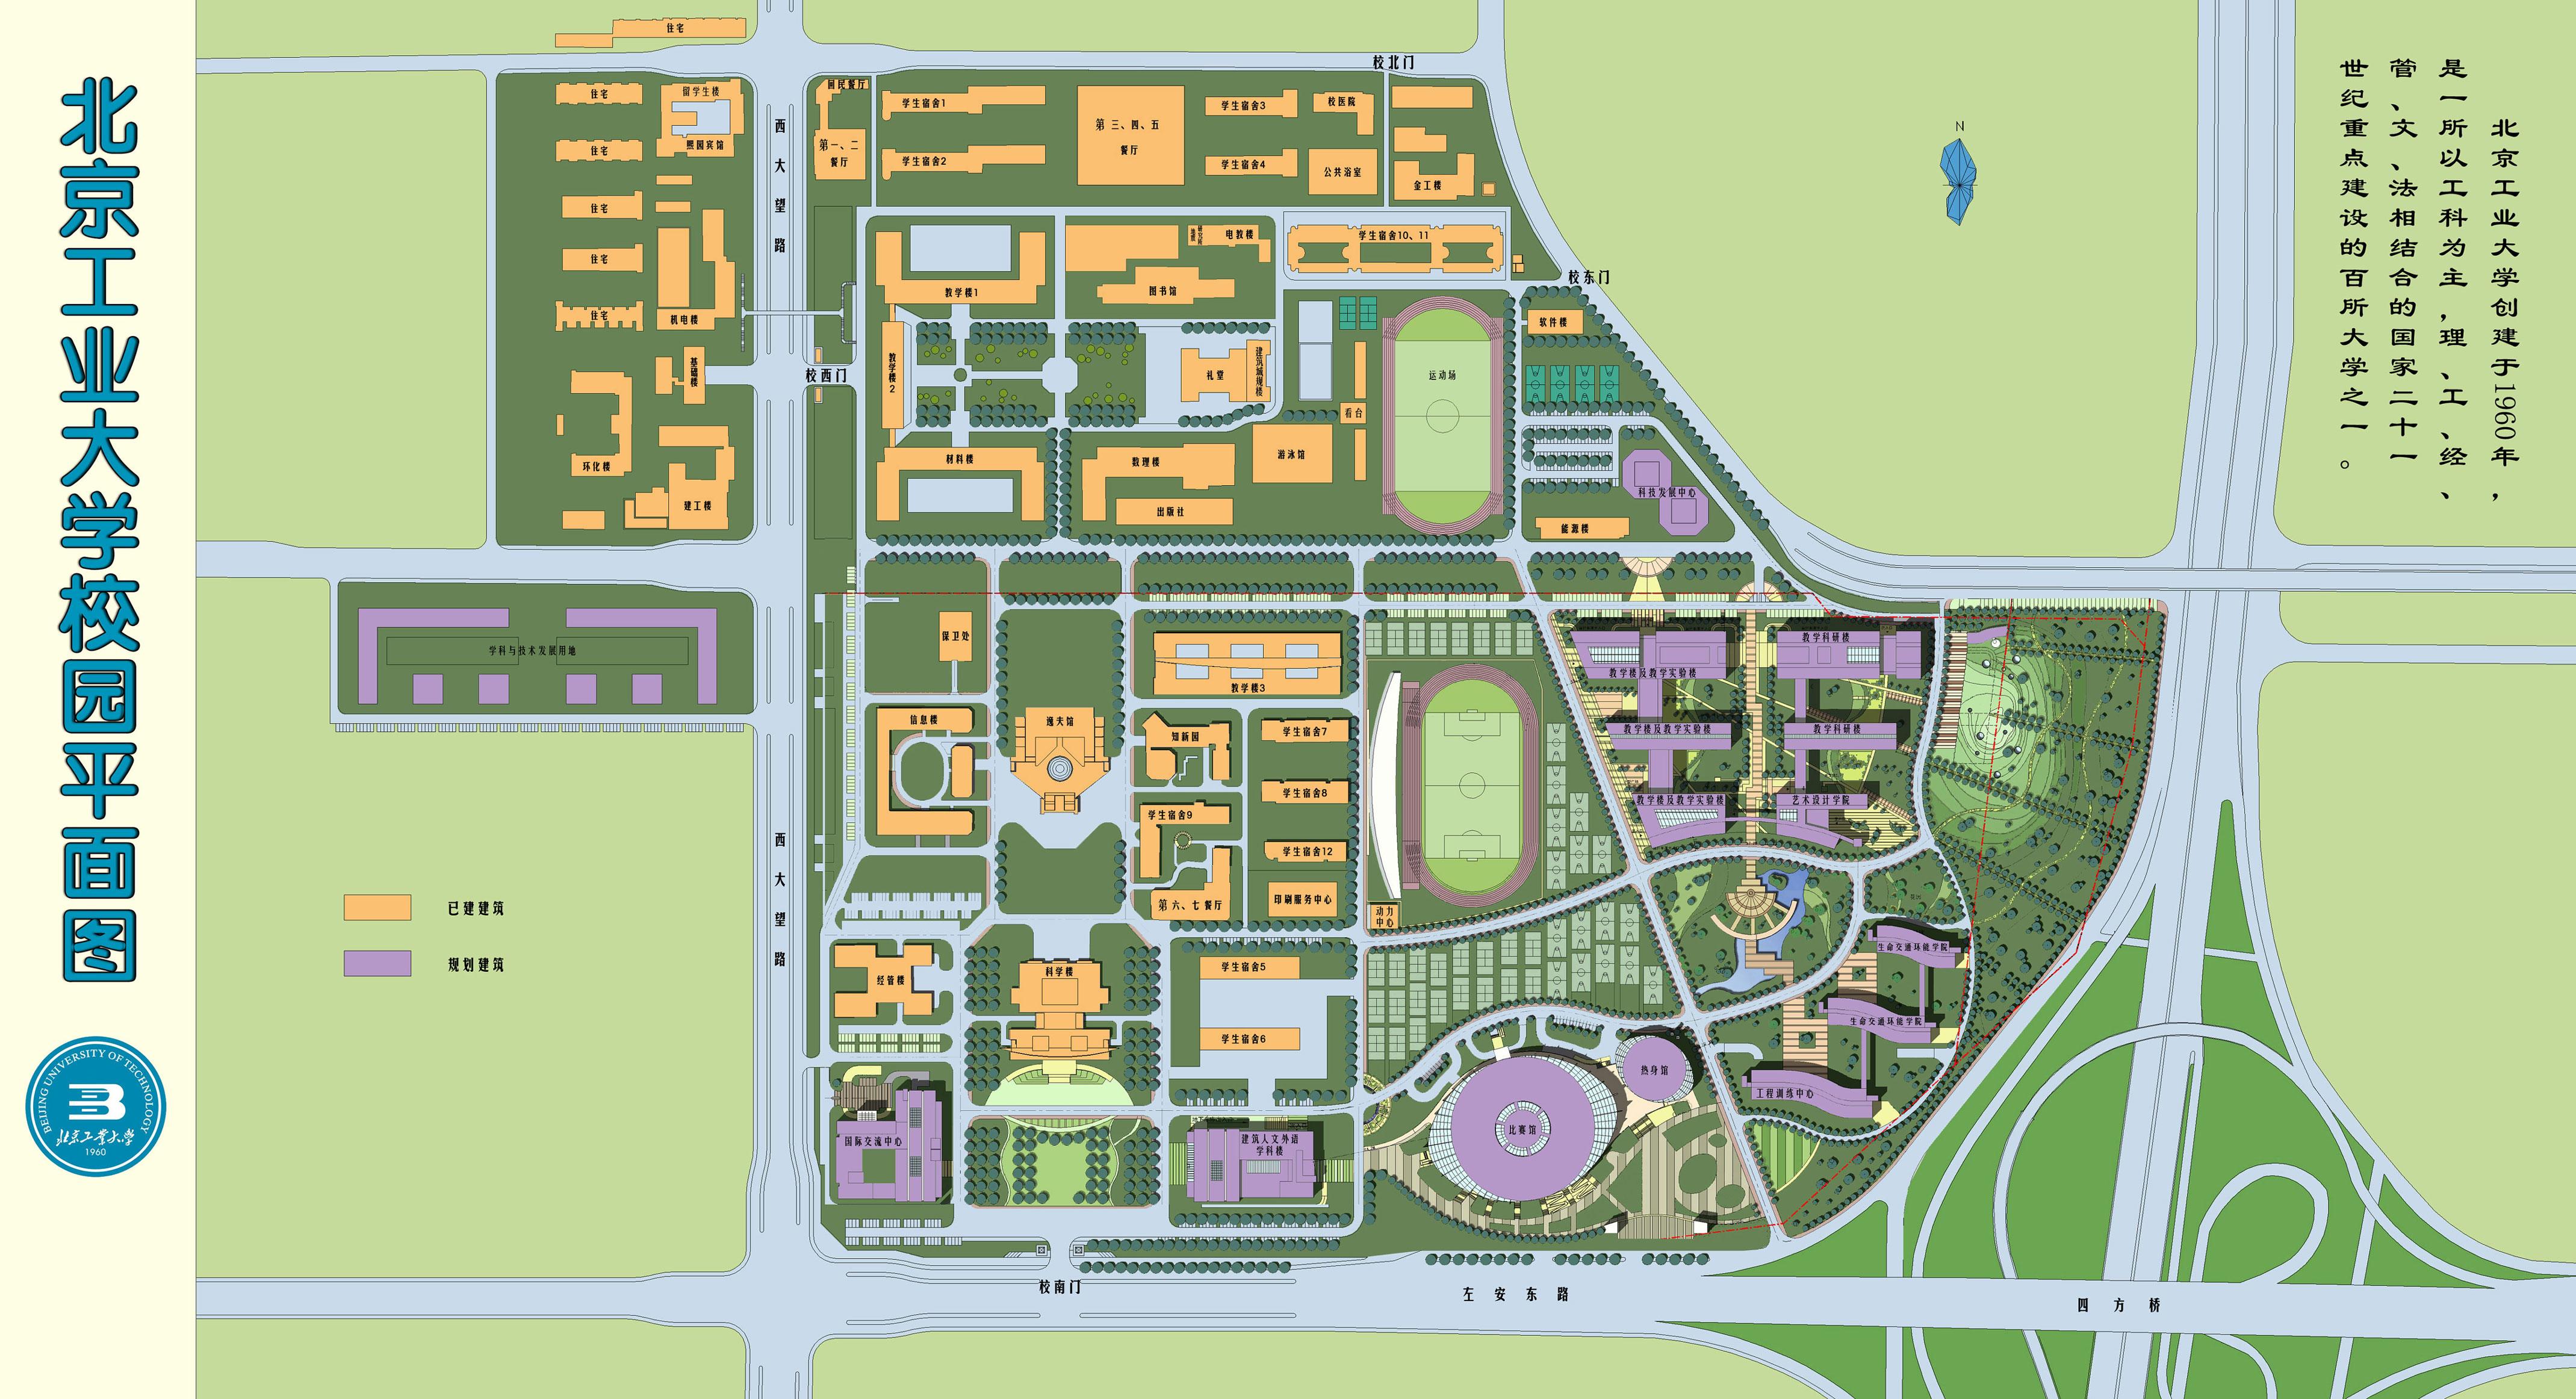 北京工业大学校园平面校区地图